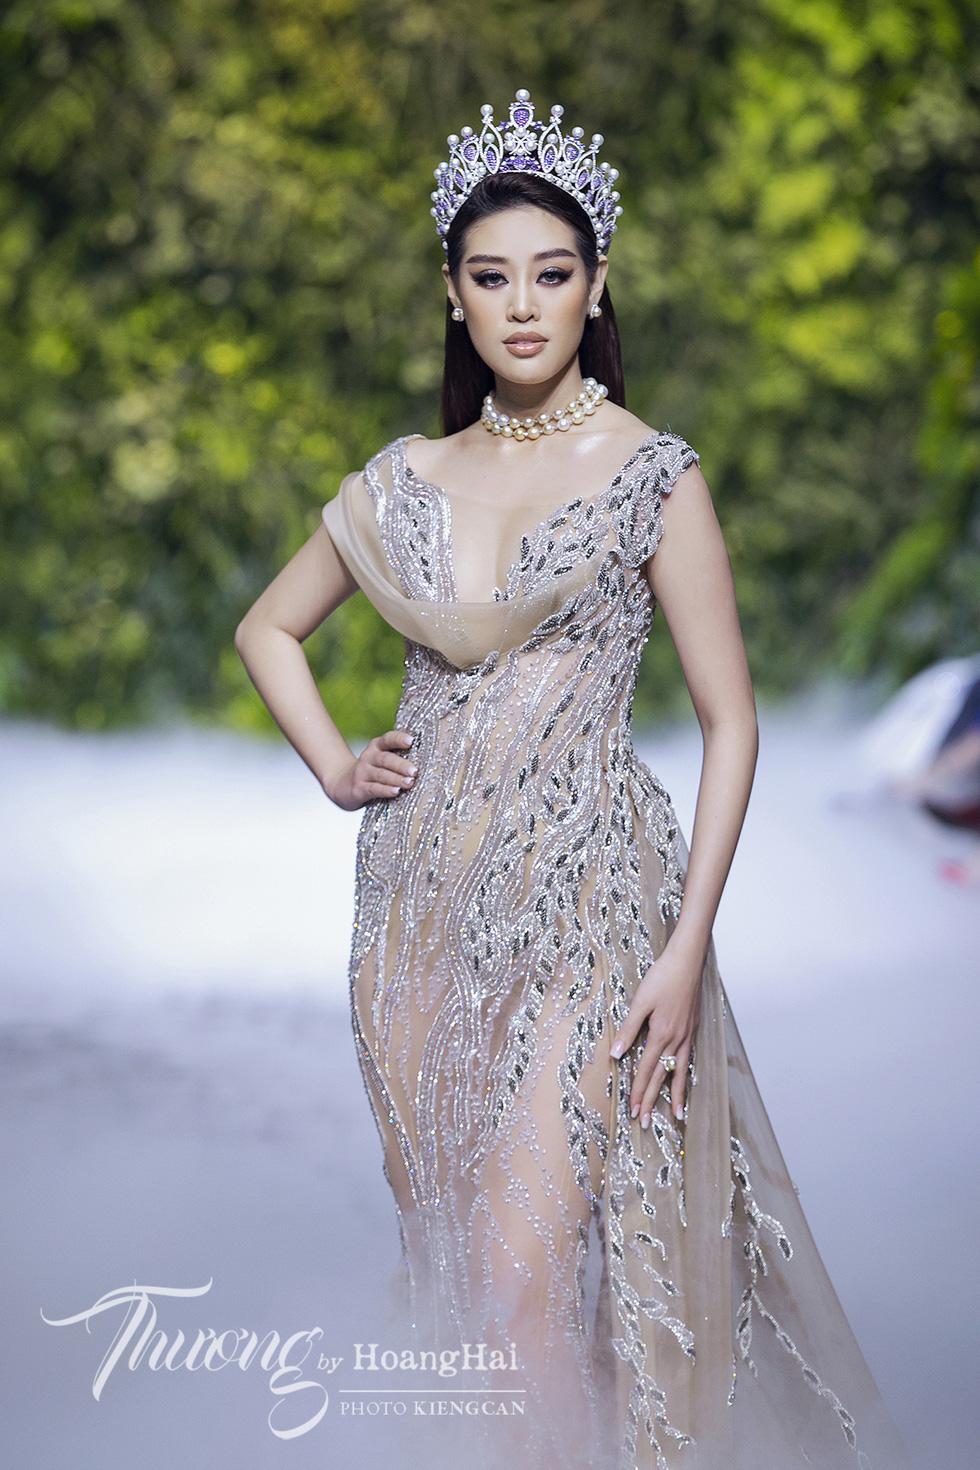 Dàn siêu mẫu, hoa hậu tái xuất rạng rỡ tại Thương by Hoàng Hải - Ảnh 6.